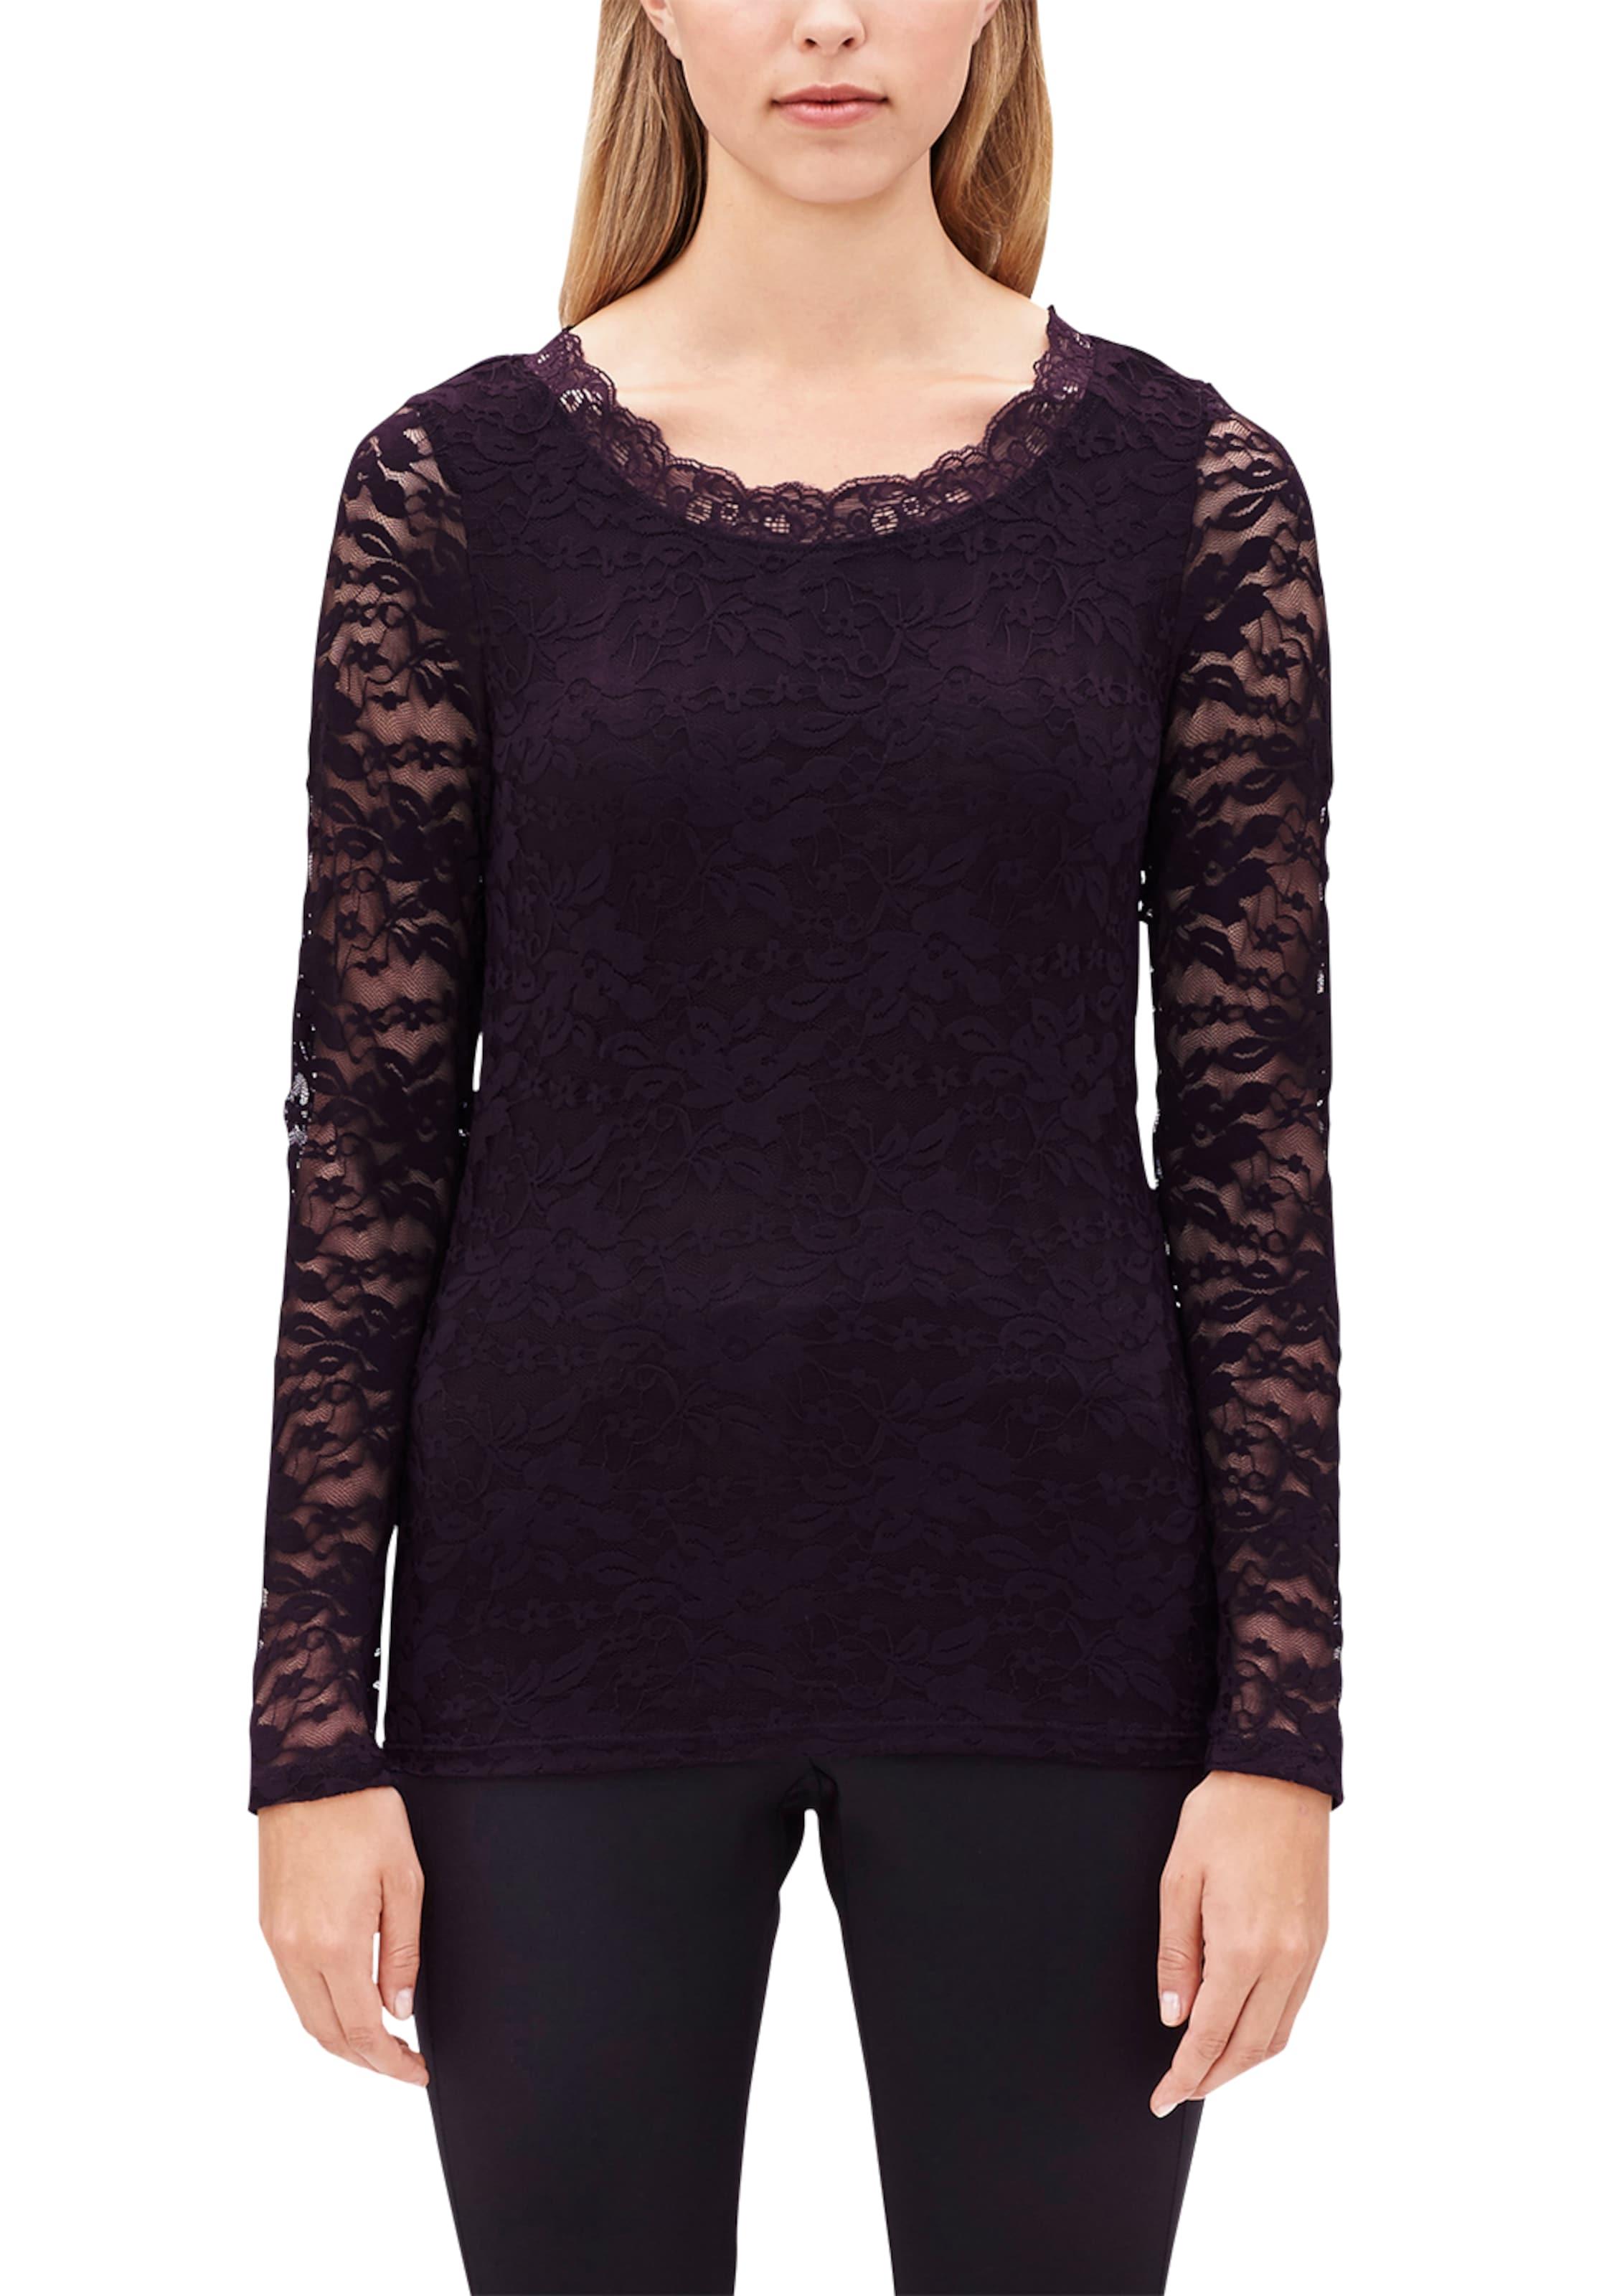 s.Oliver BLACK LABEL Spitzenshirt mit langen Ärmeln Echte Online 100% Authentisch Verkauf Online  Wie Viel Günstig Kaufen jMwUrN